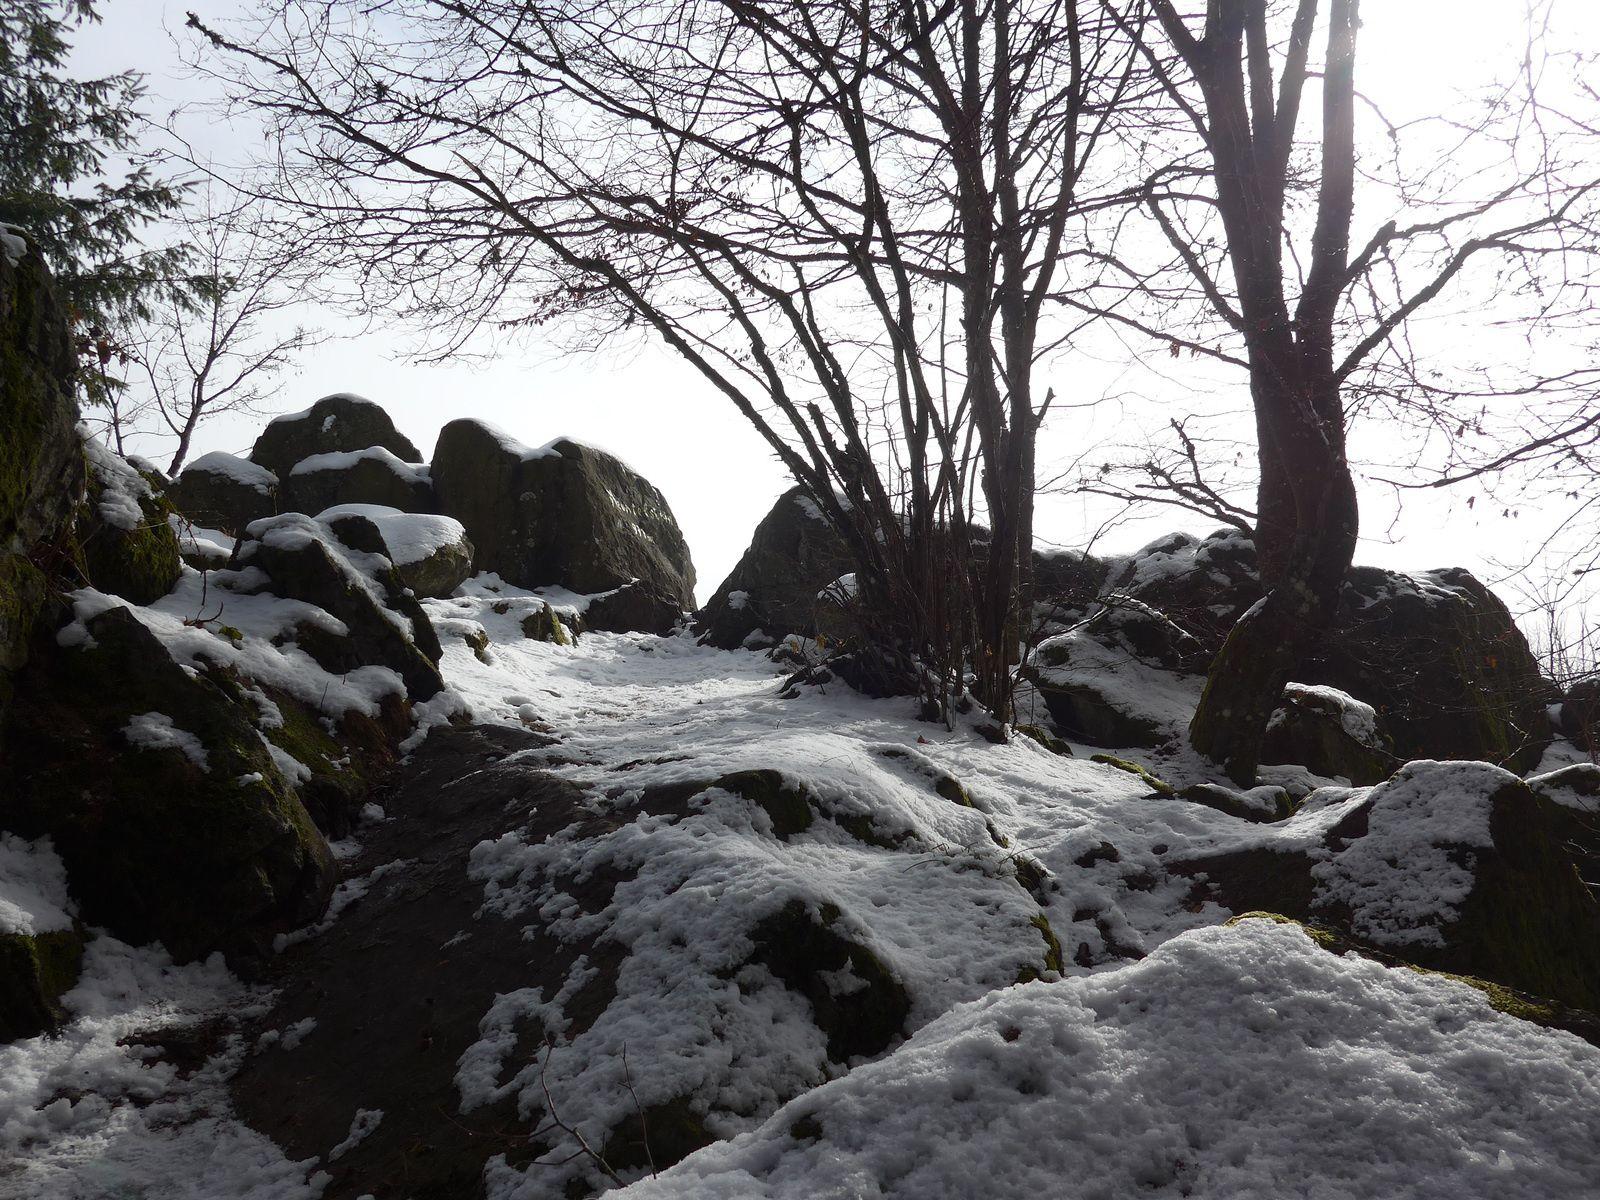 Vu le nombre d'abris pour chasseurs, les animaux doivent pulluler, on s'en rend bien compte en voyant les traces laissées dans la neige.